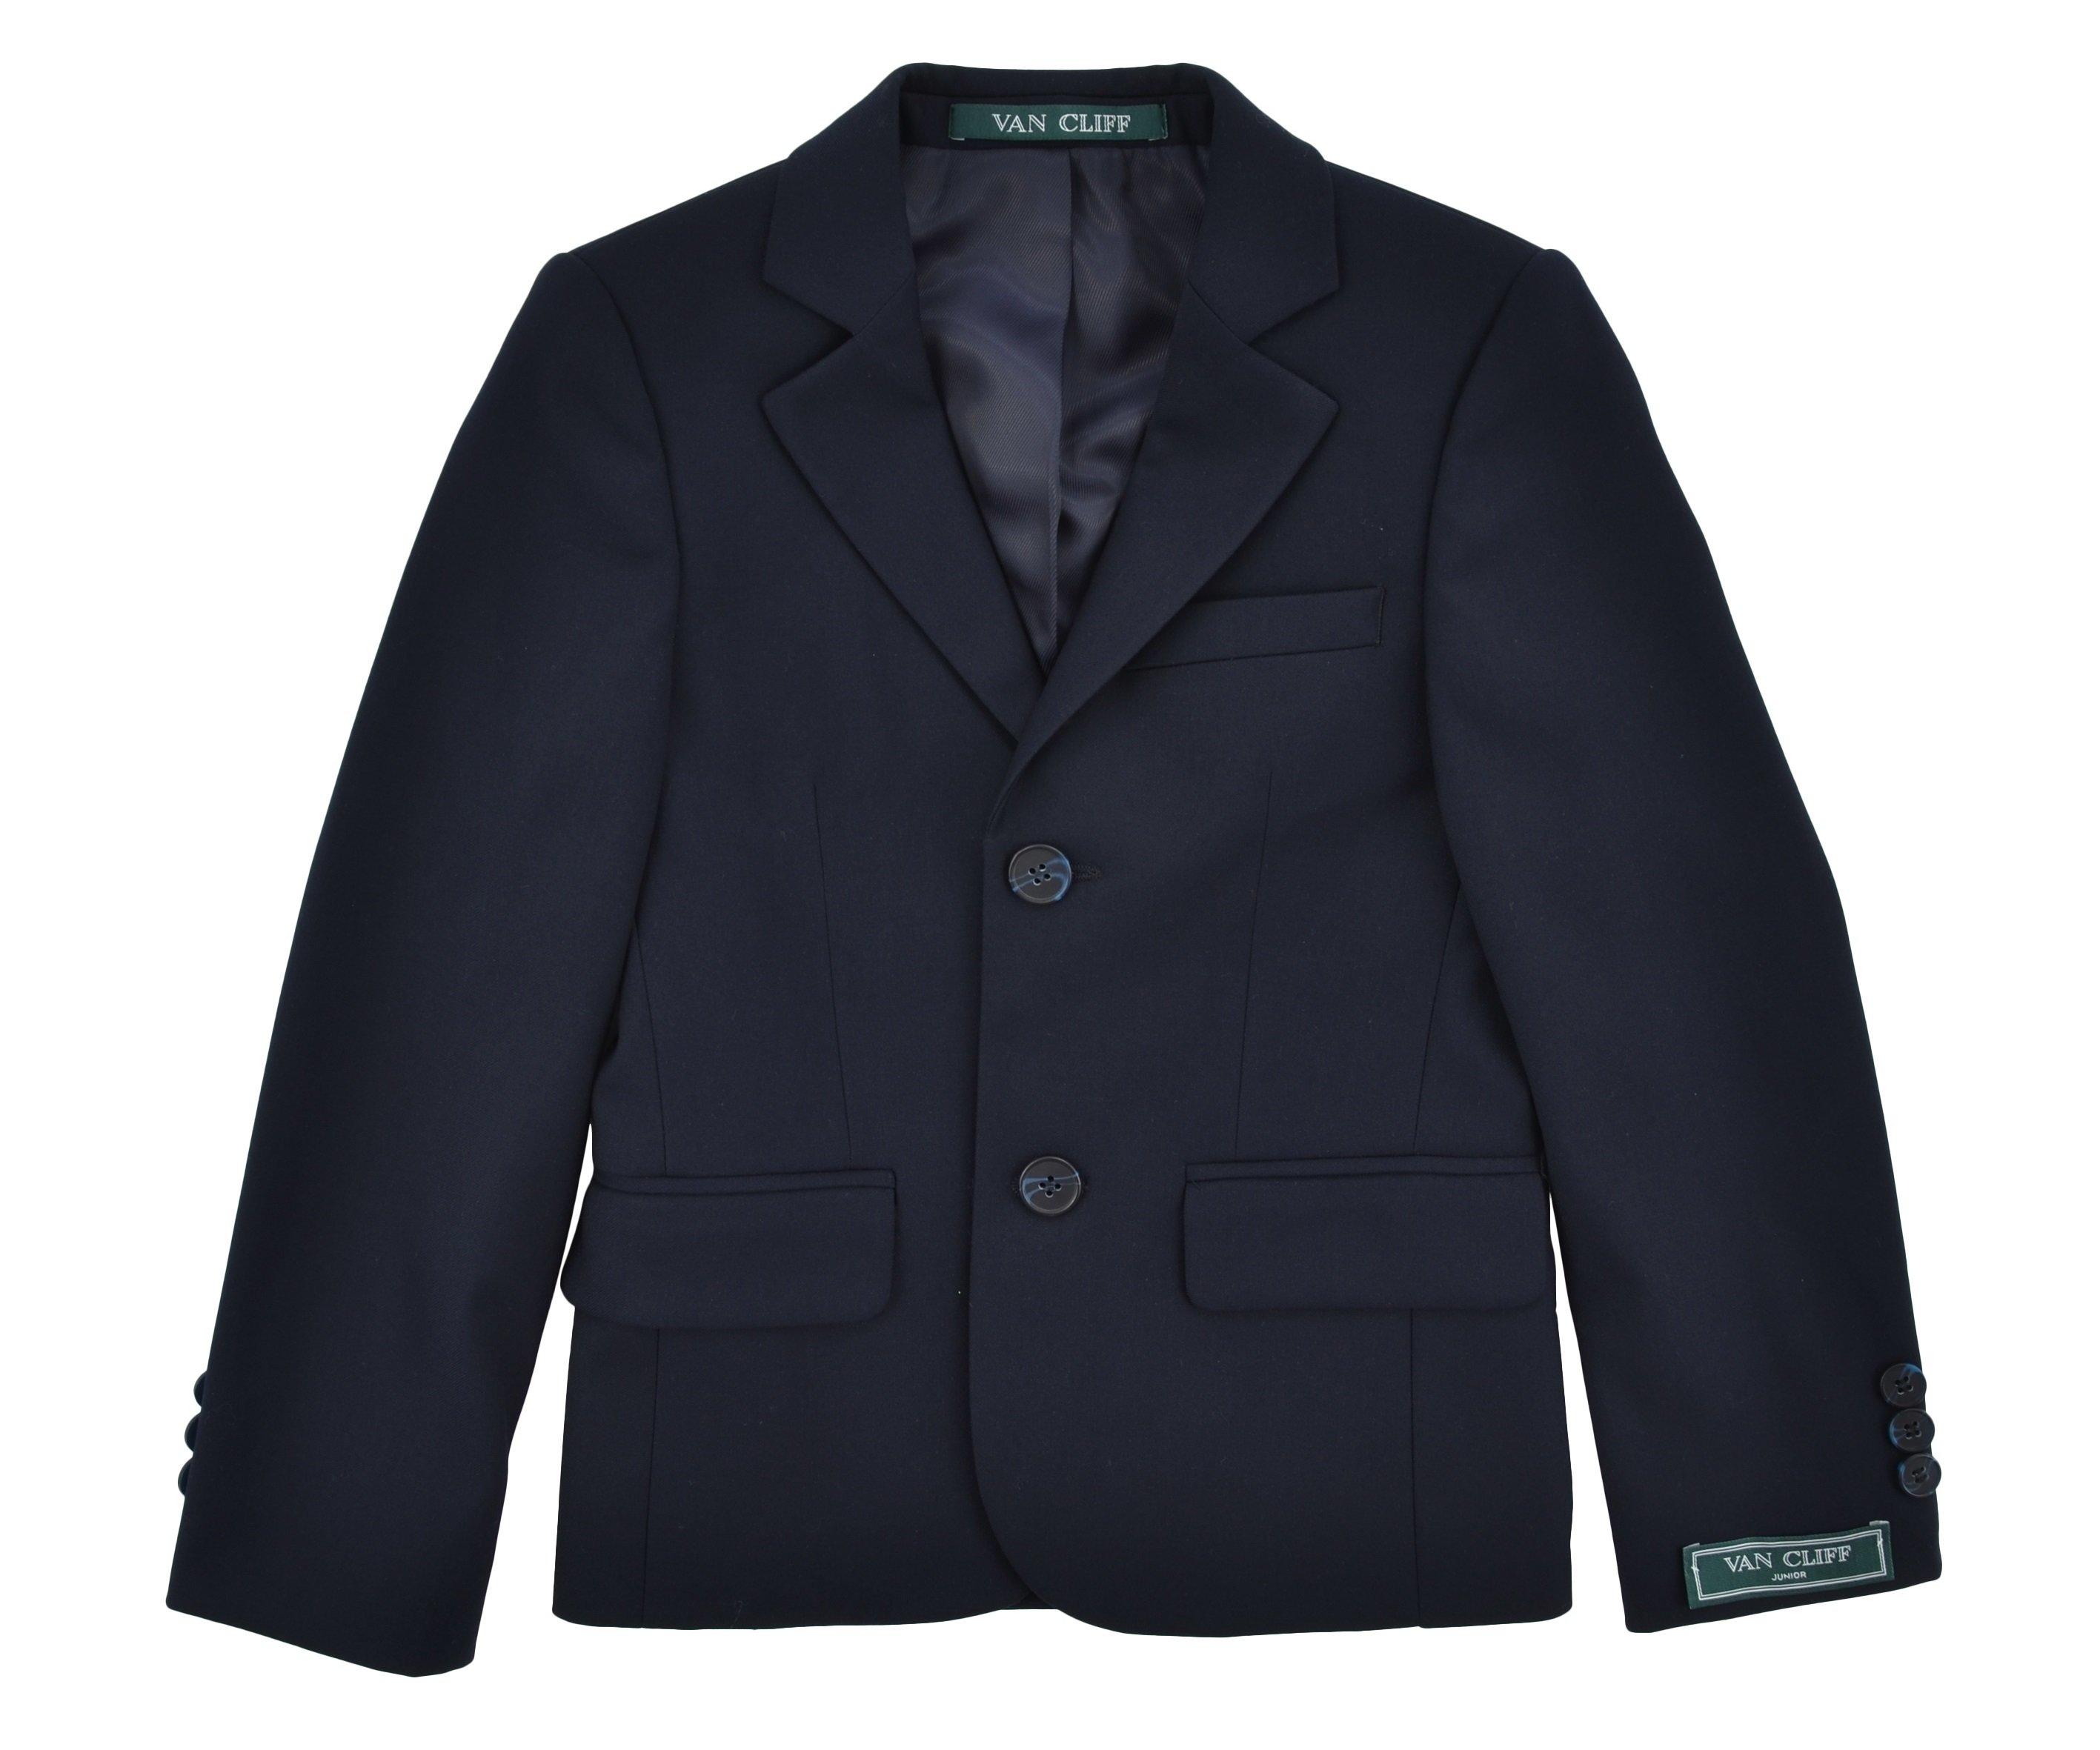 Пиджак для мальчика YSVC91111син